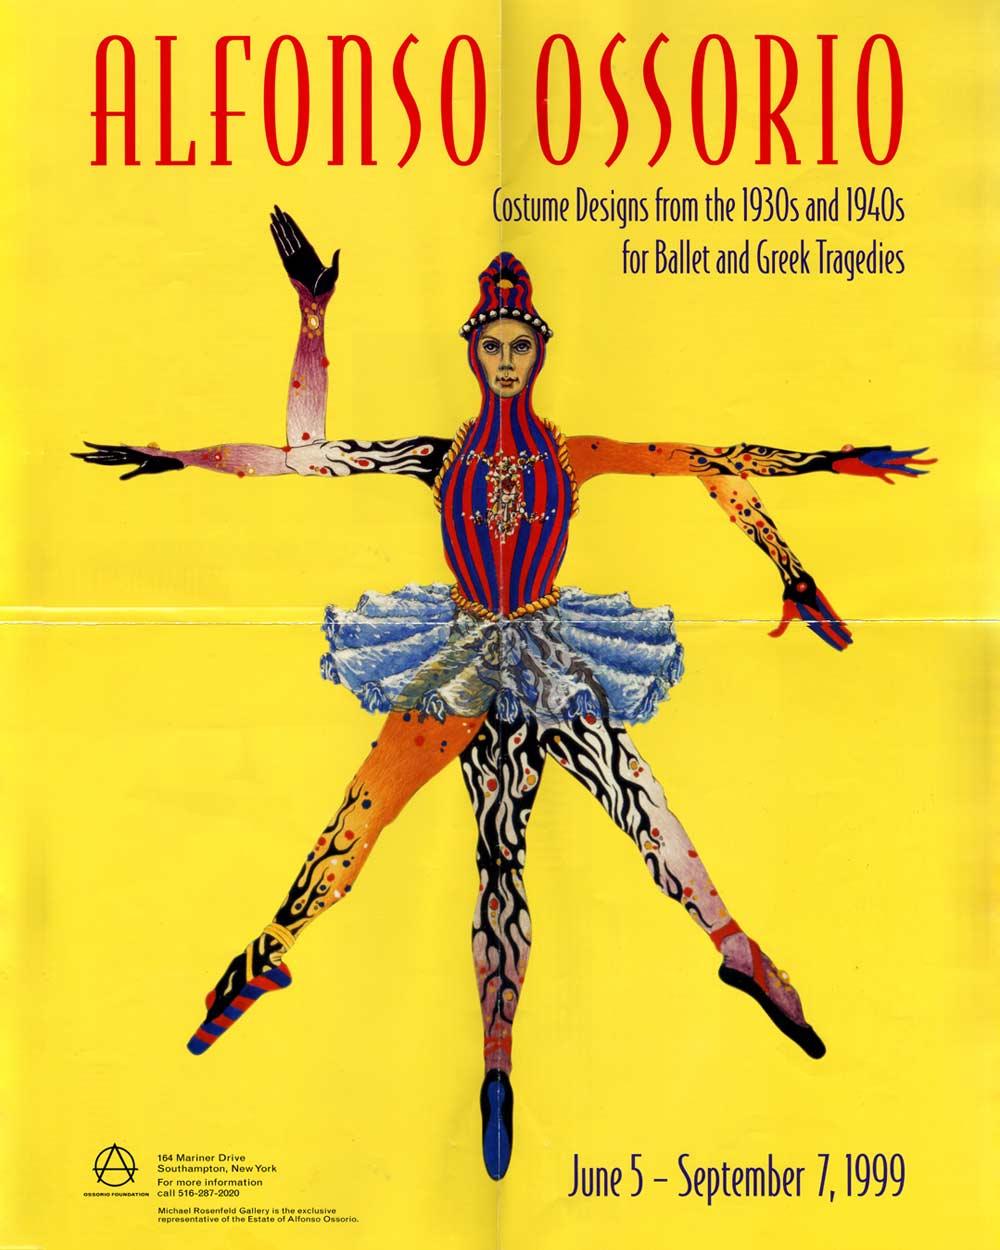 Alfonso Ossorio: Costume Designs, poster